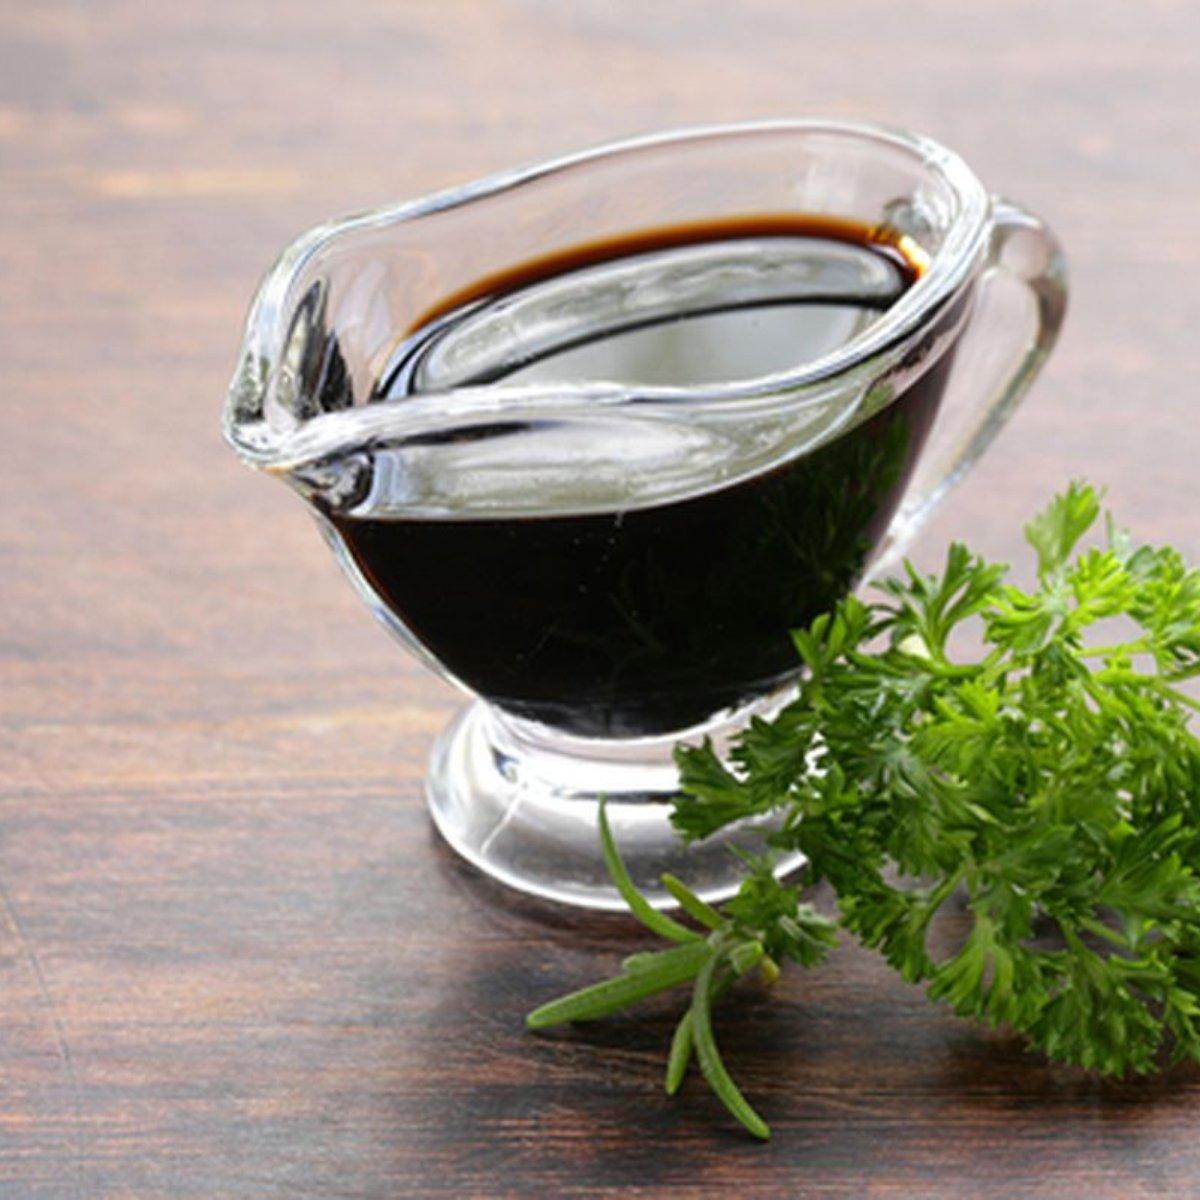 el vinagre balsamico es saludable